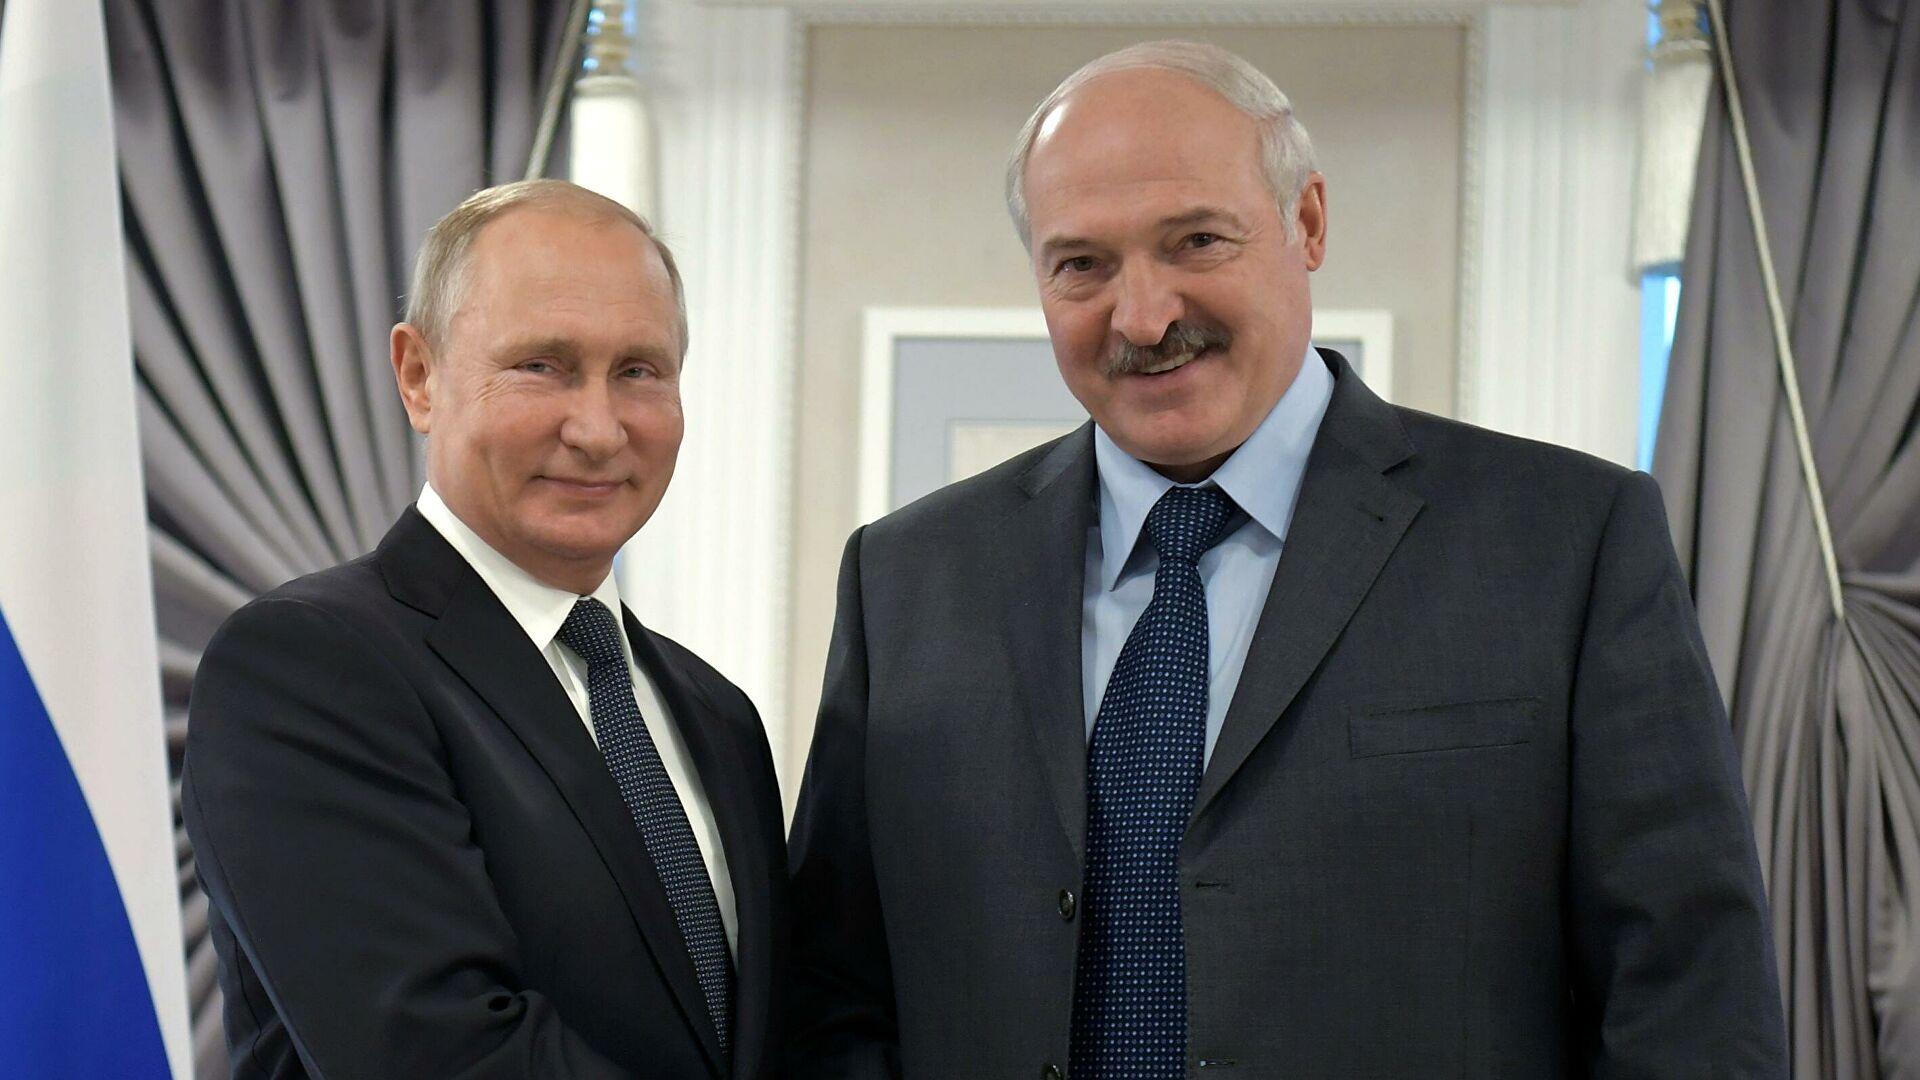 ЕУ: Не признајемо Лукашенка за законитог председника Белорусије